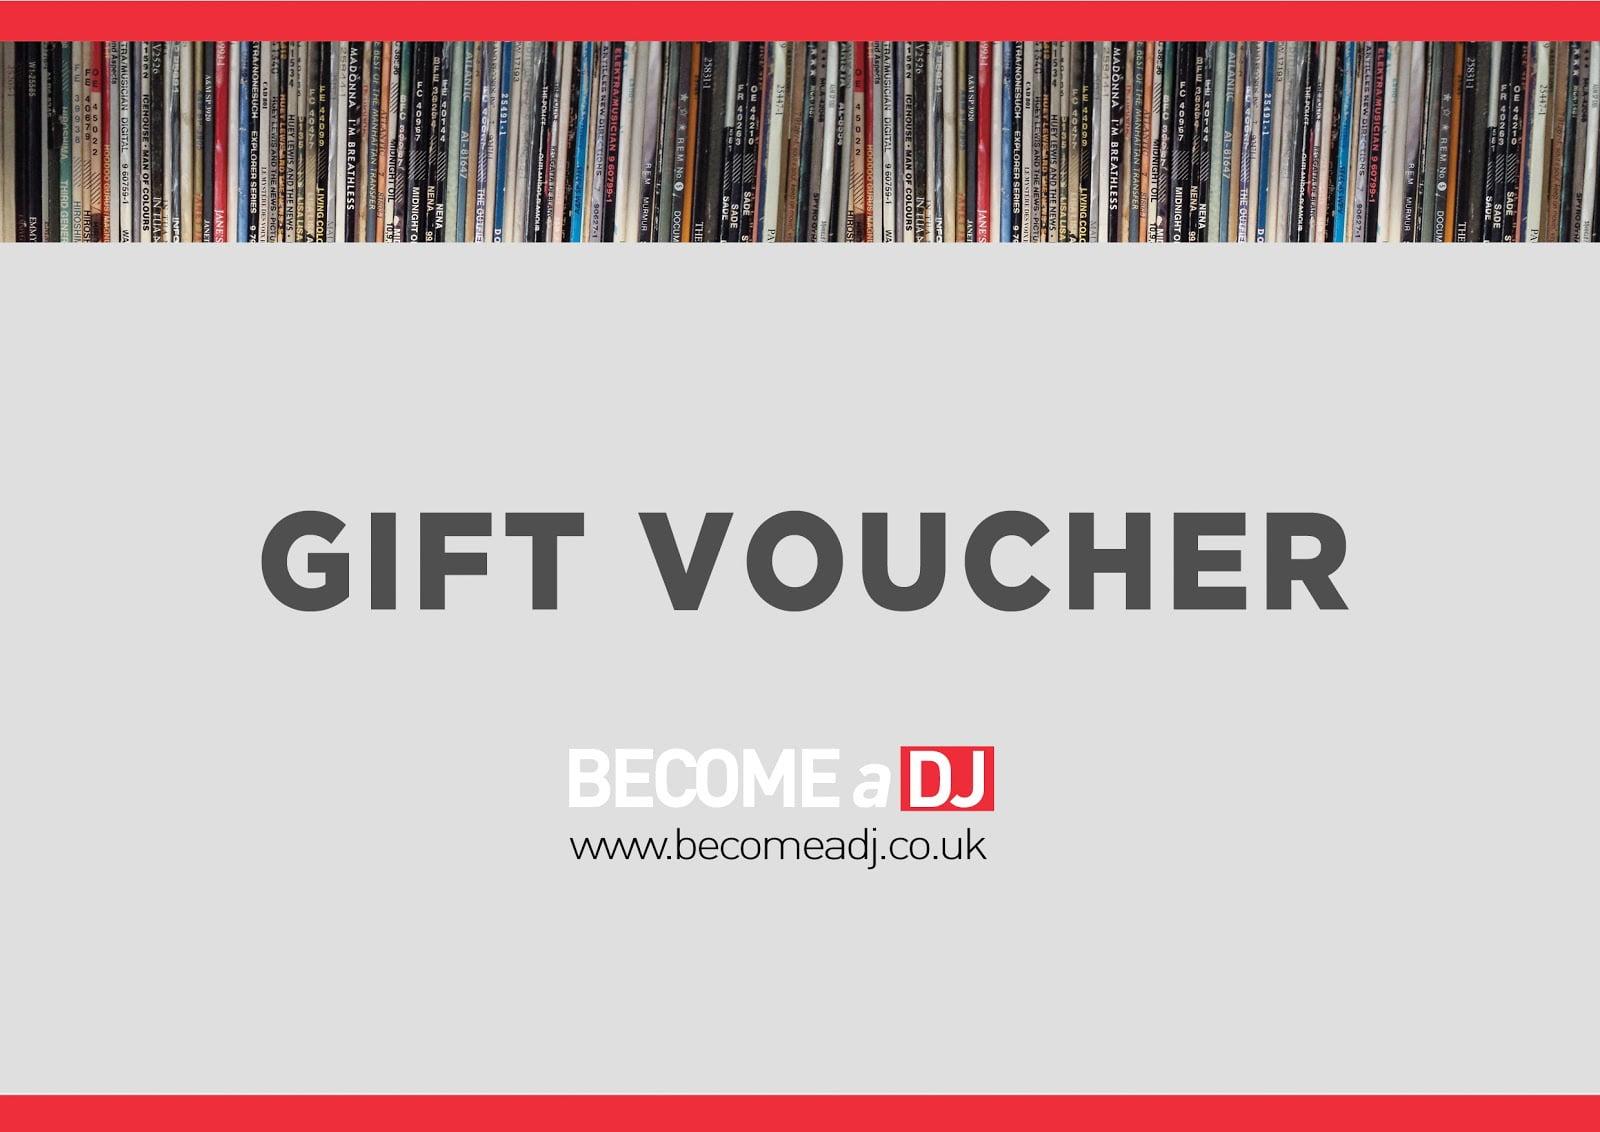 DJ Gift voucher